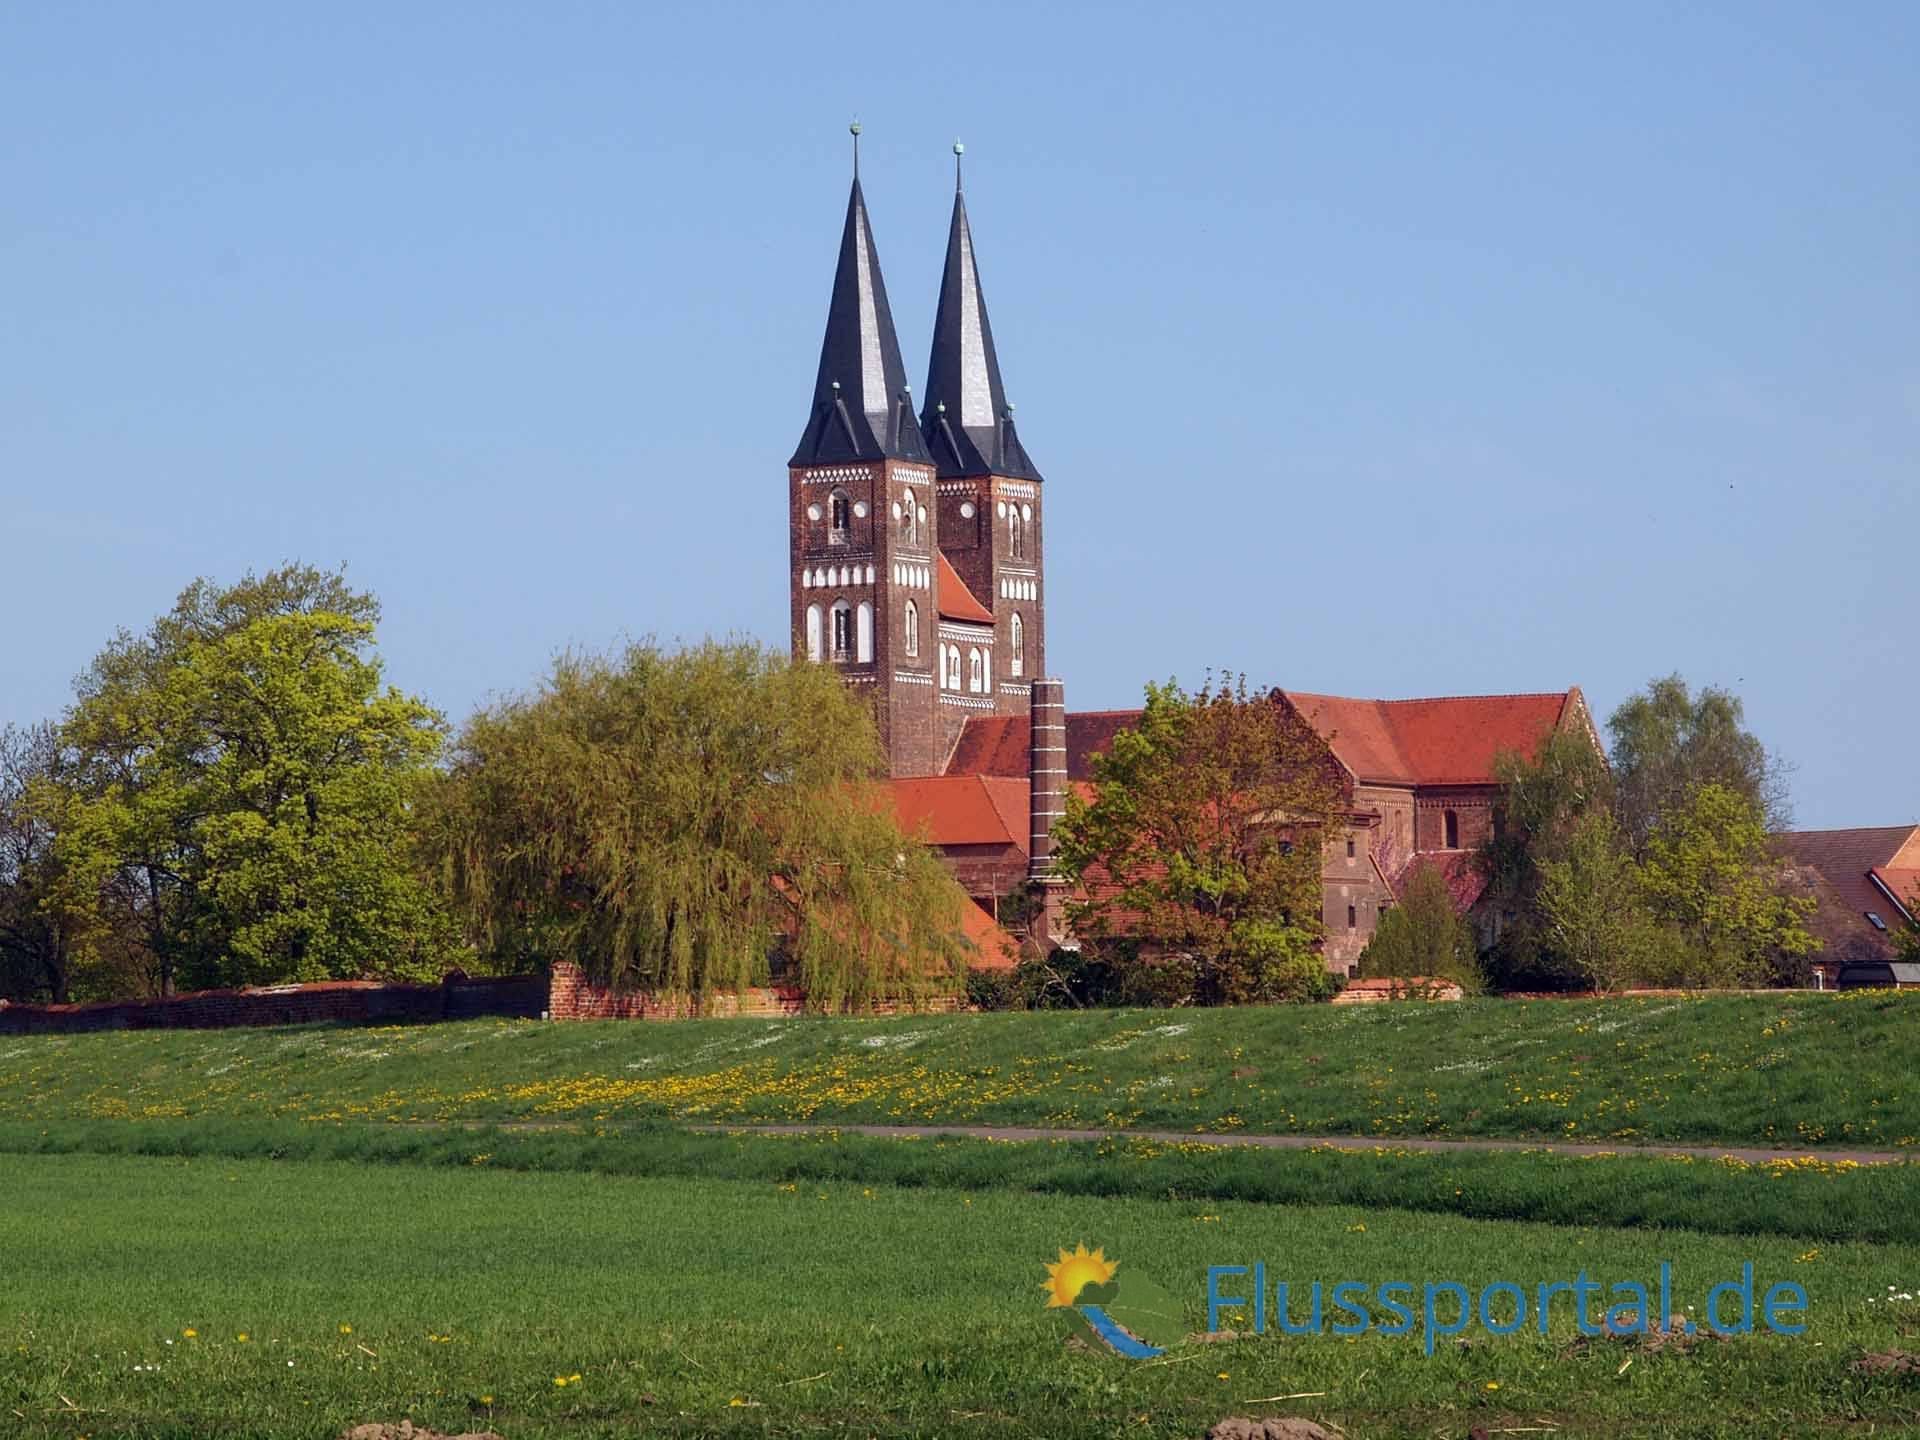 Prämonstratenser-Chorherren aus Magdeburg gründeten das Kloster Jerichow.